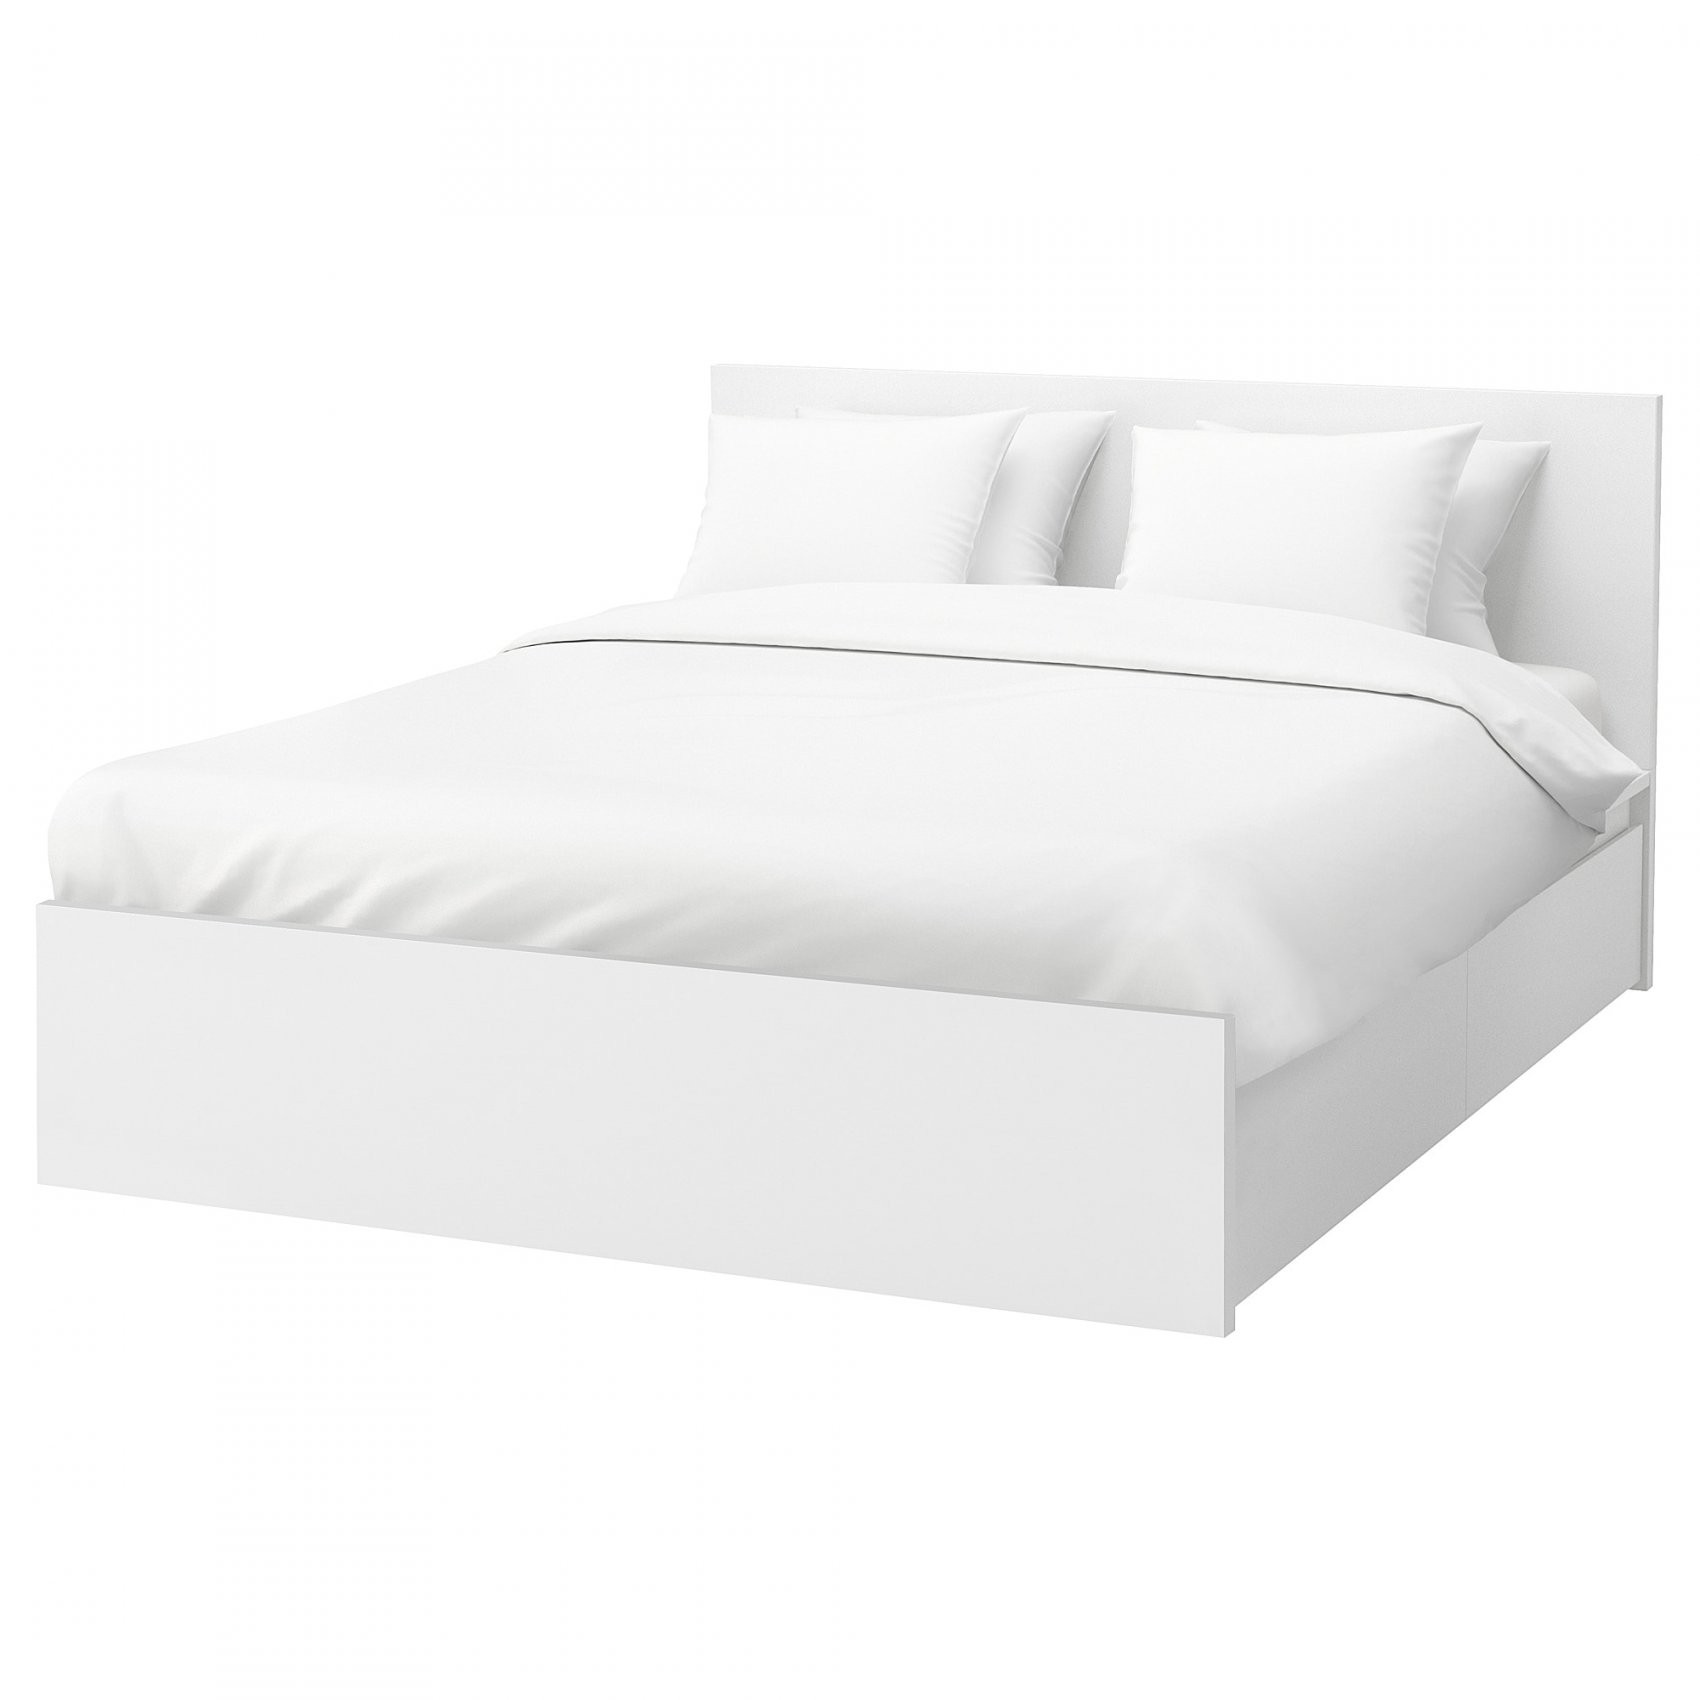 Malm Bettgestell Hoch Mit 4 Schubladen  Weiß  Ikea von Ikea Bett Weiß Mit Schubladen Bild